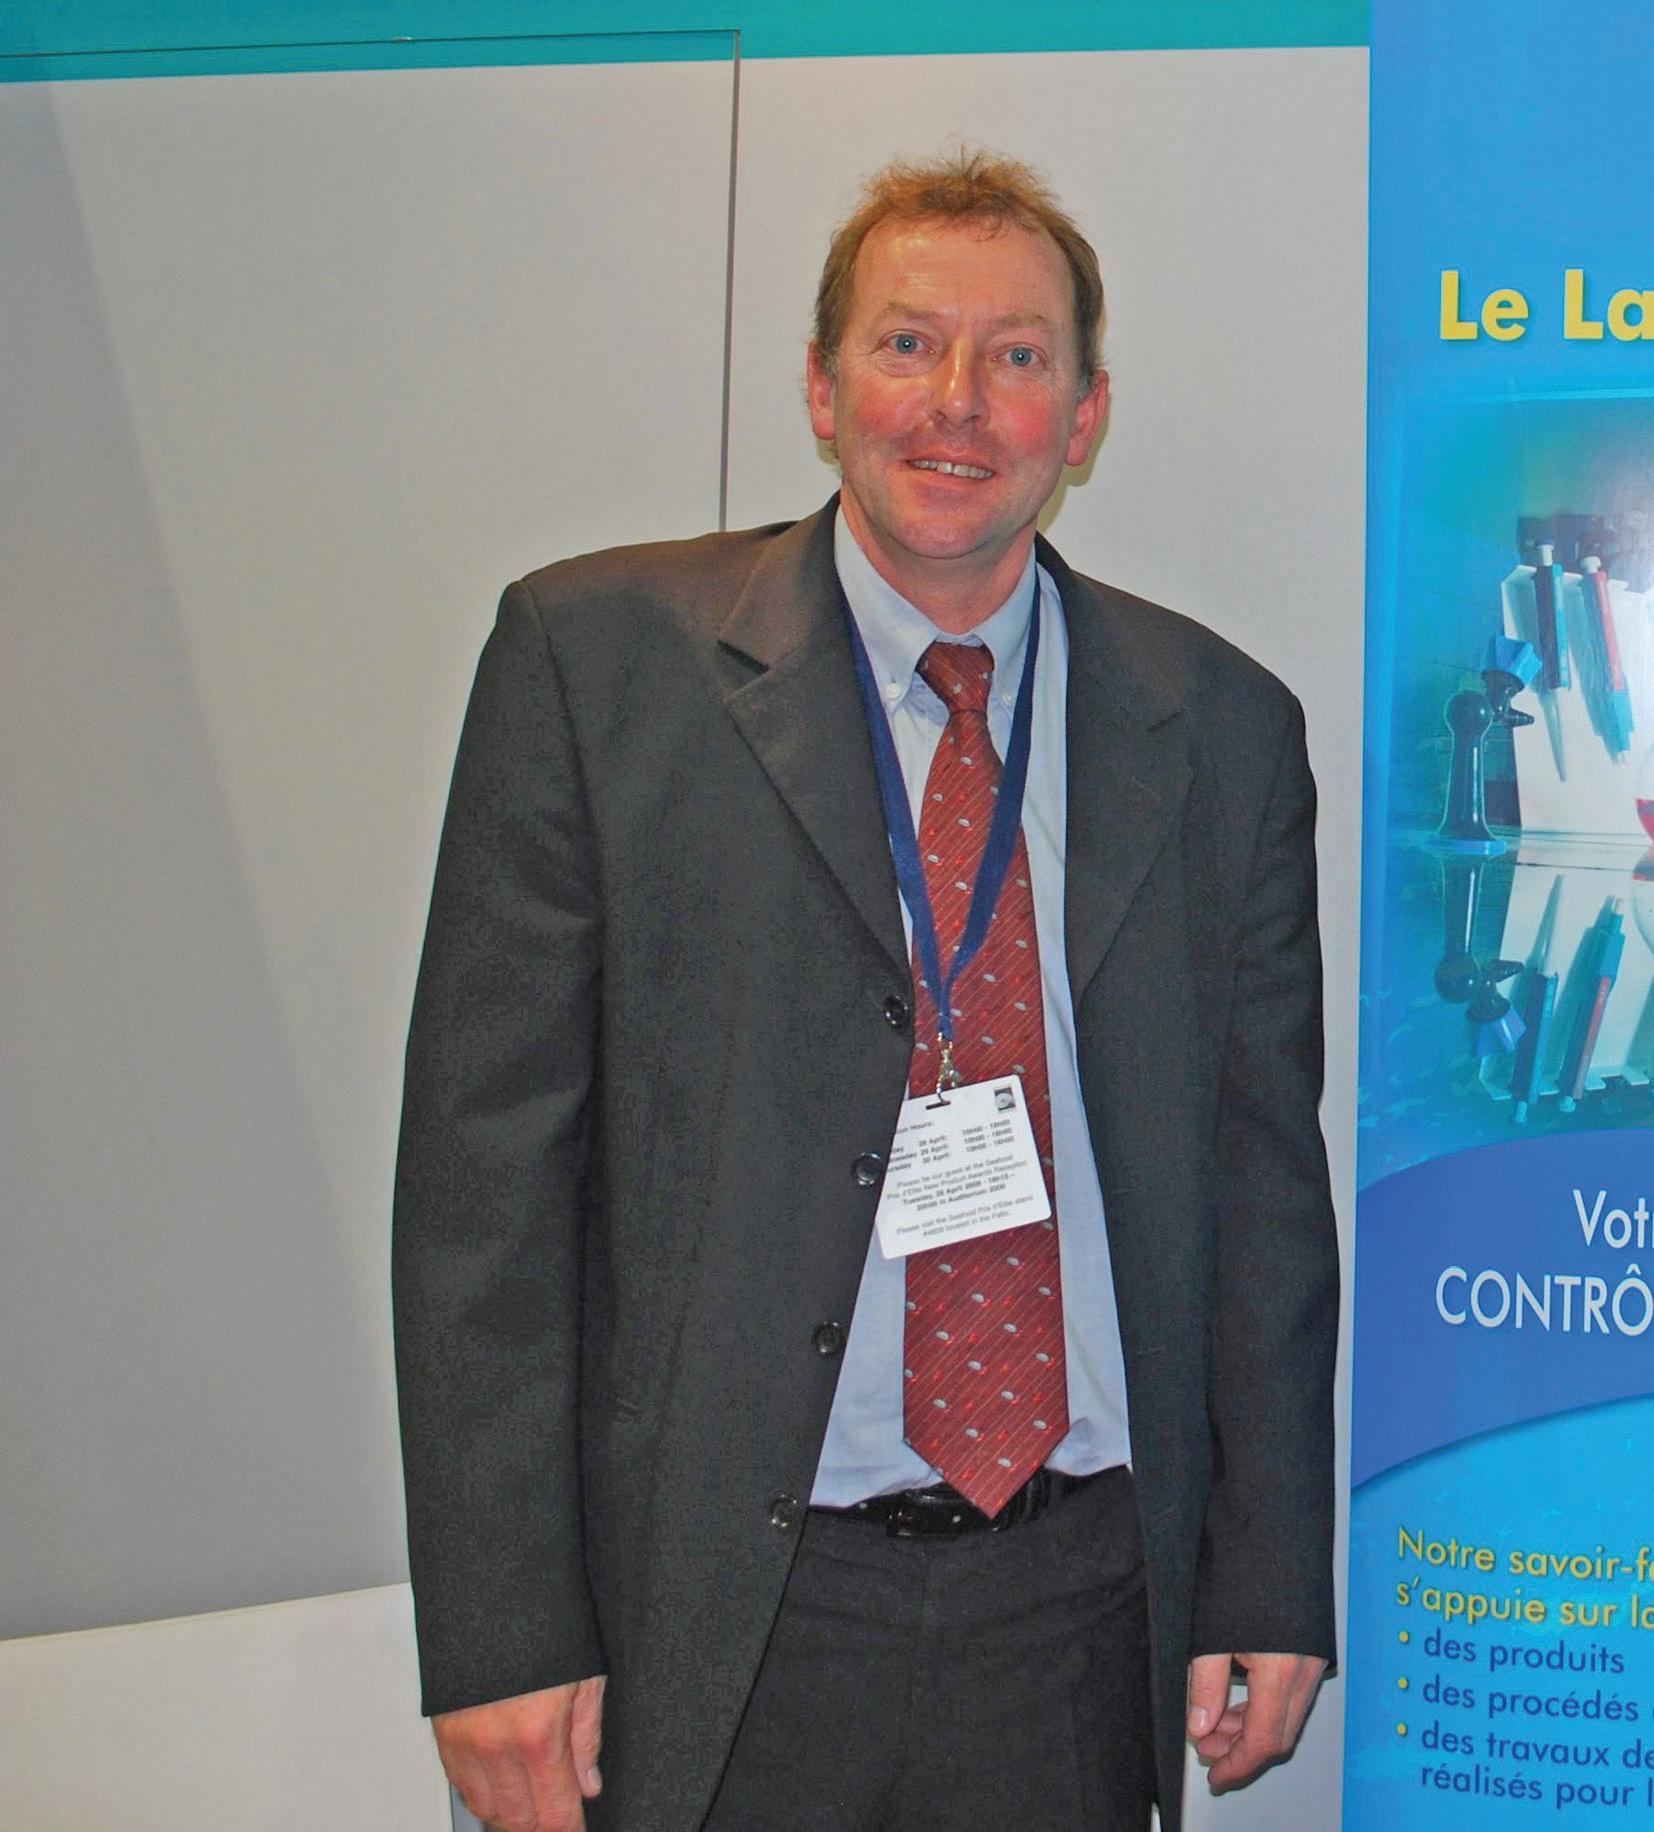 """L'ingénieur-conseil Xavier Joly vise """"la qualité totale des produits"""", vecteur de progrès au niveau social, économique et environnemental."""